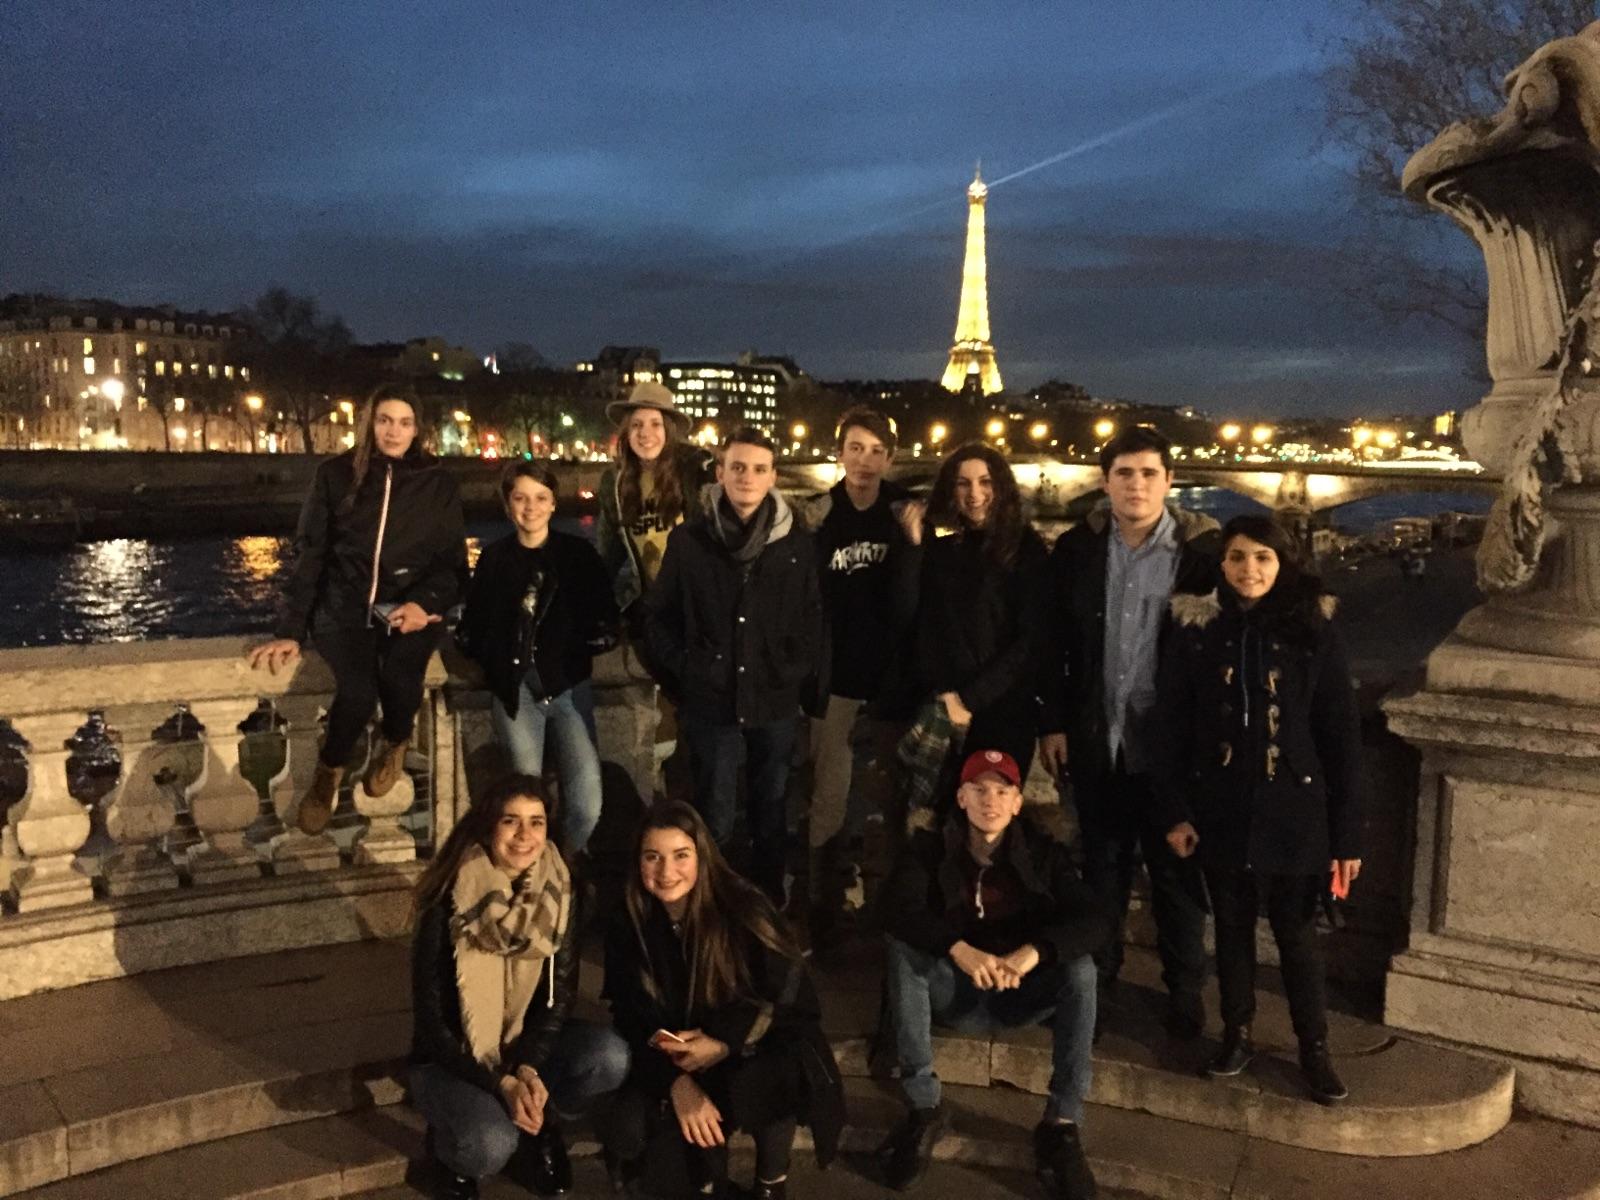 Visite culturelle nocturne